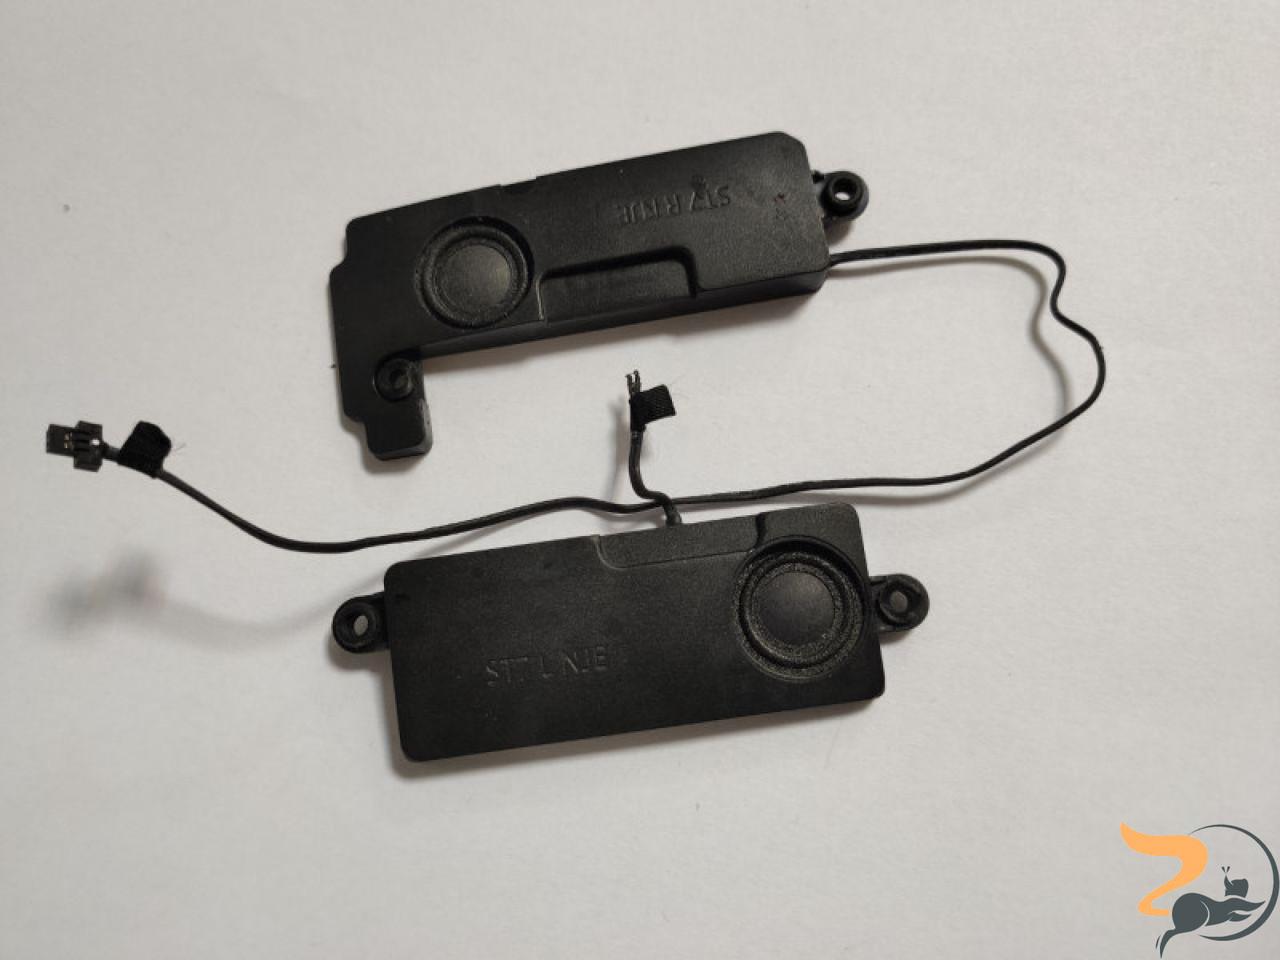 Динаміки для ноутбука, Lenovo IdeaPad Flex 15D, Б/В. Пошкоджений один роз'єм (фото).